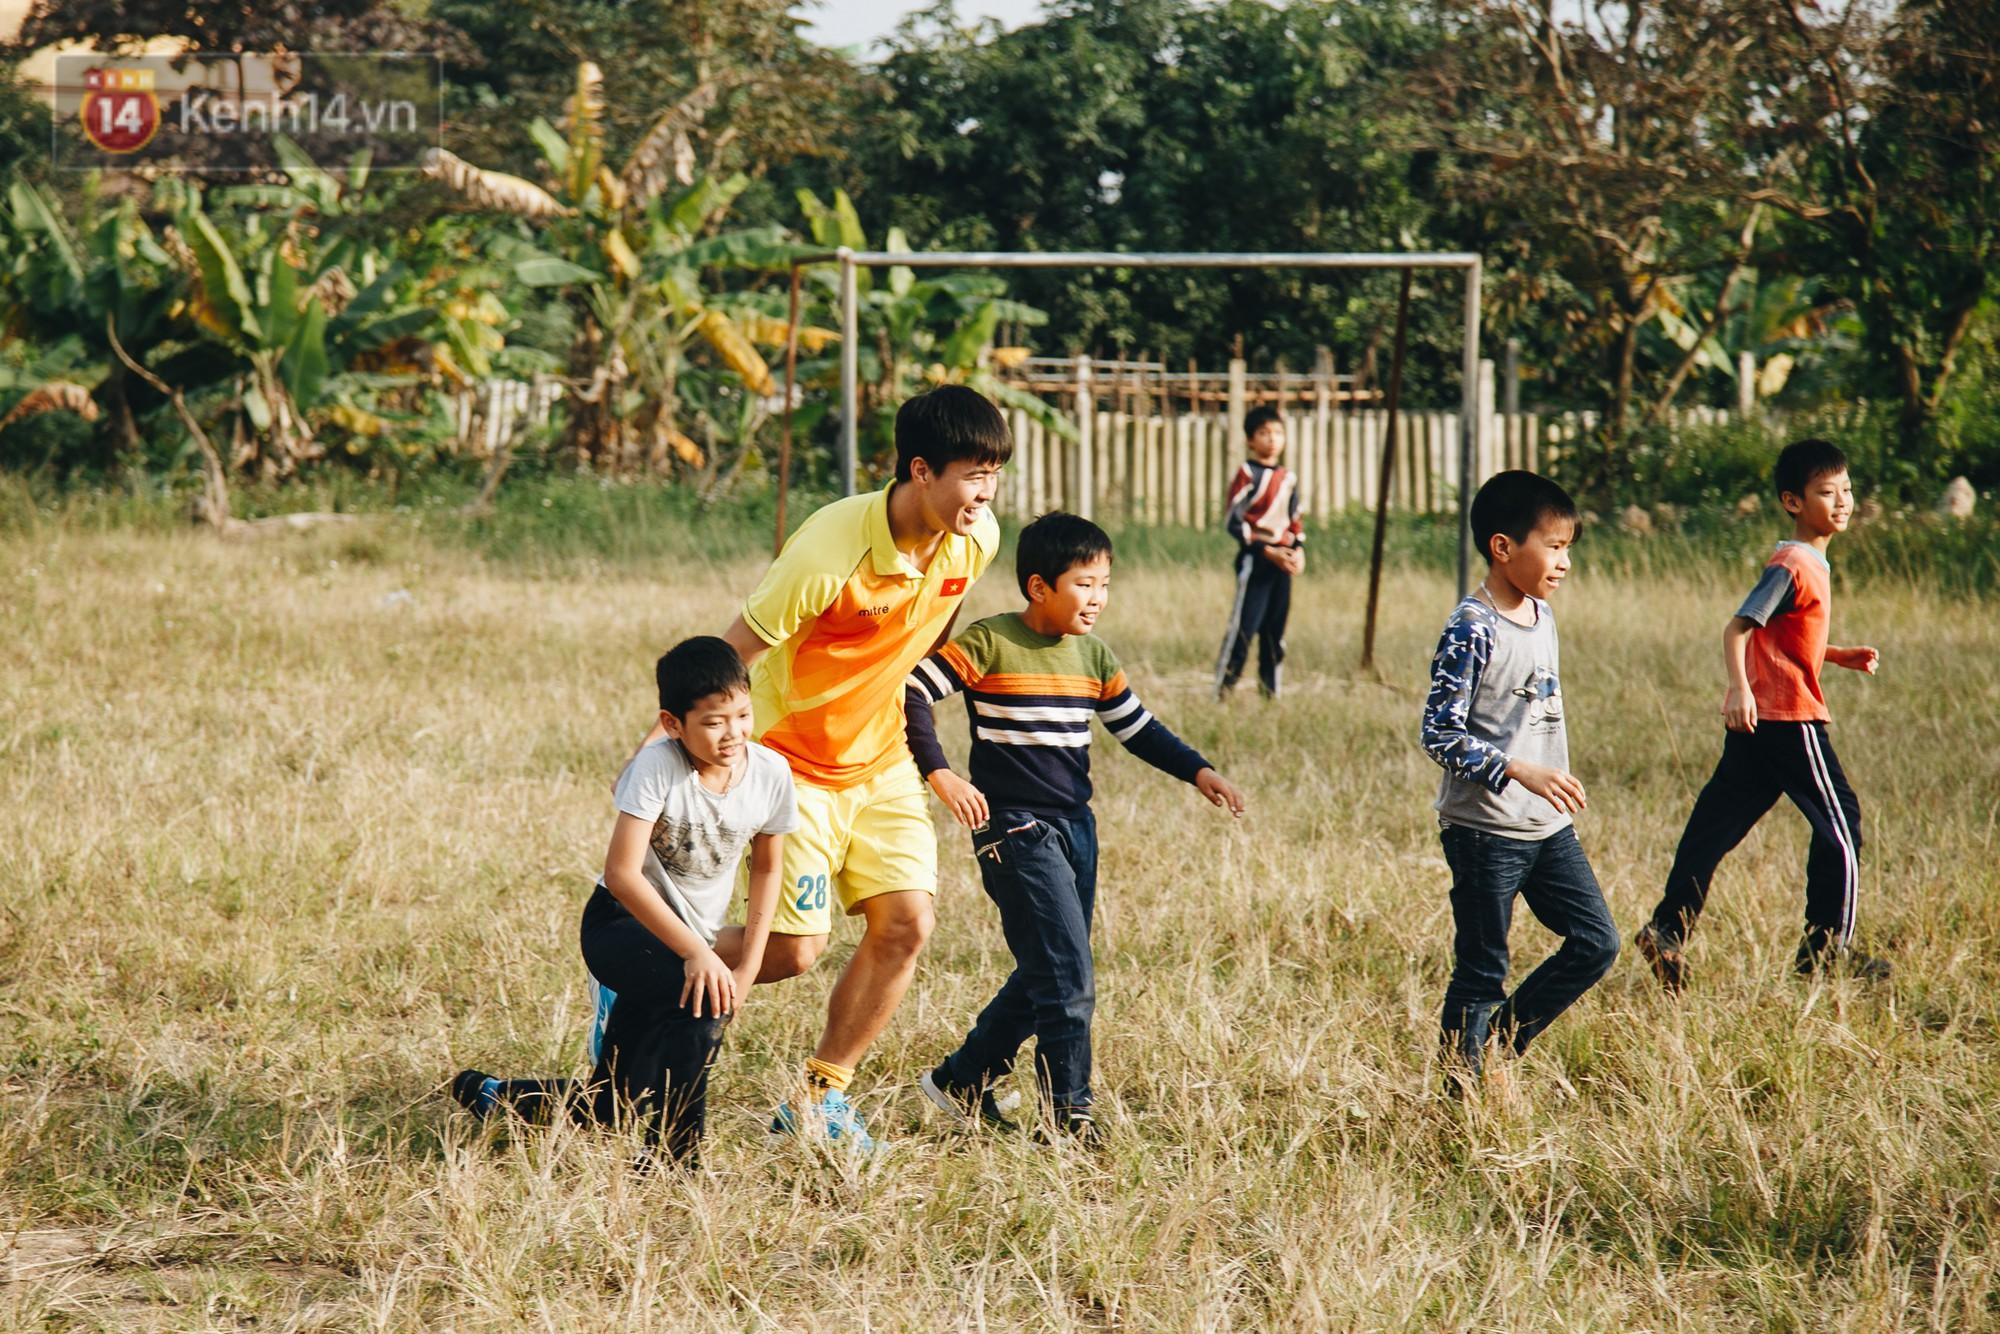 Đỗ Duy Mạnh: Chuyện cậu bé nhặt bóng 10 năm trước và người hùng sau vô địch AFF Cup 2018 - Ảnh 9.